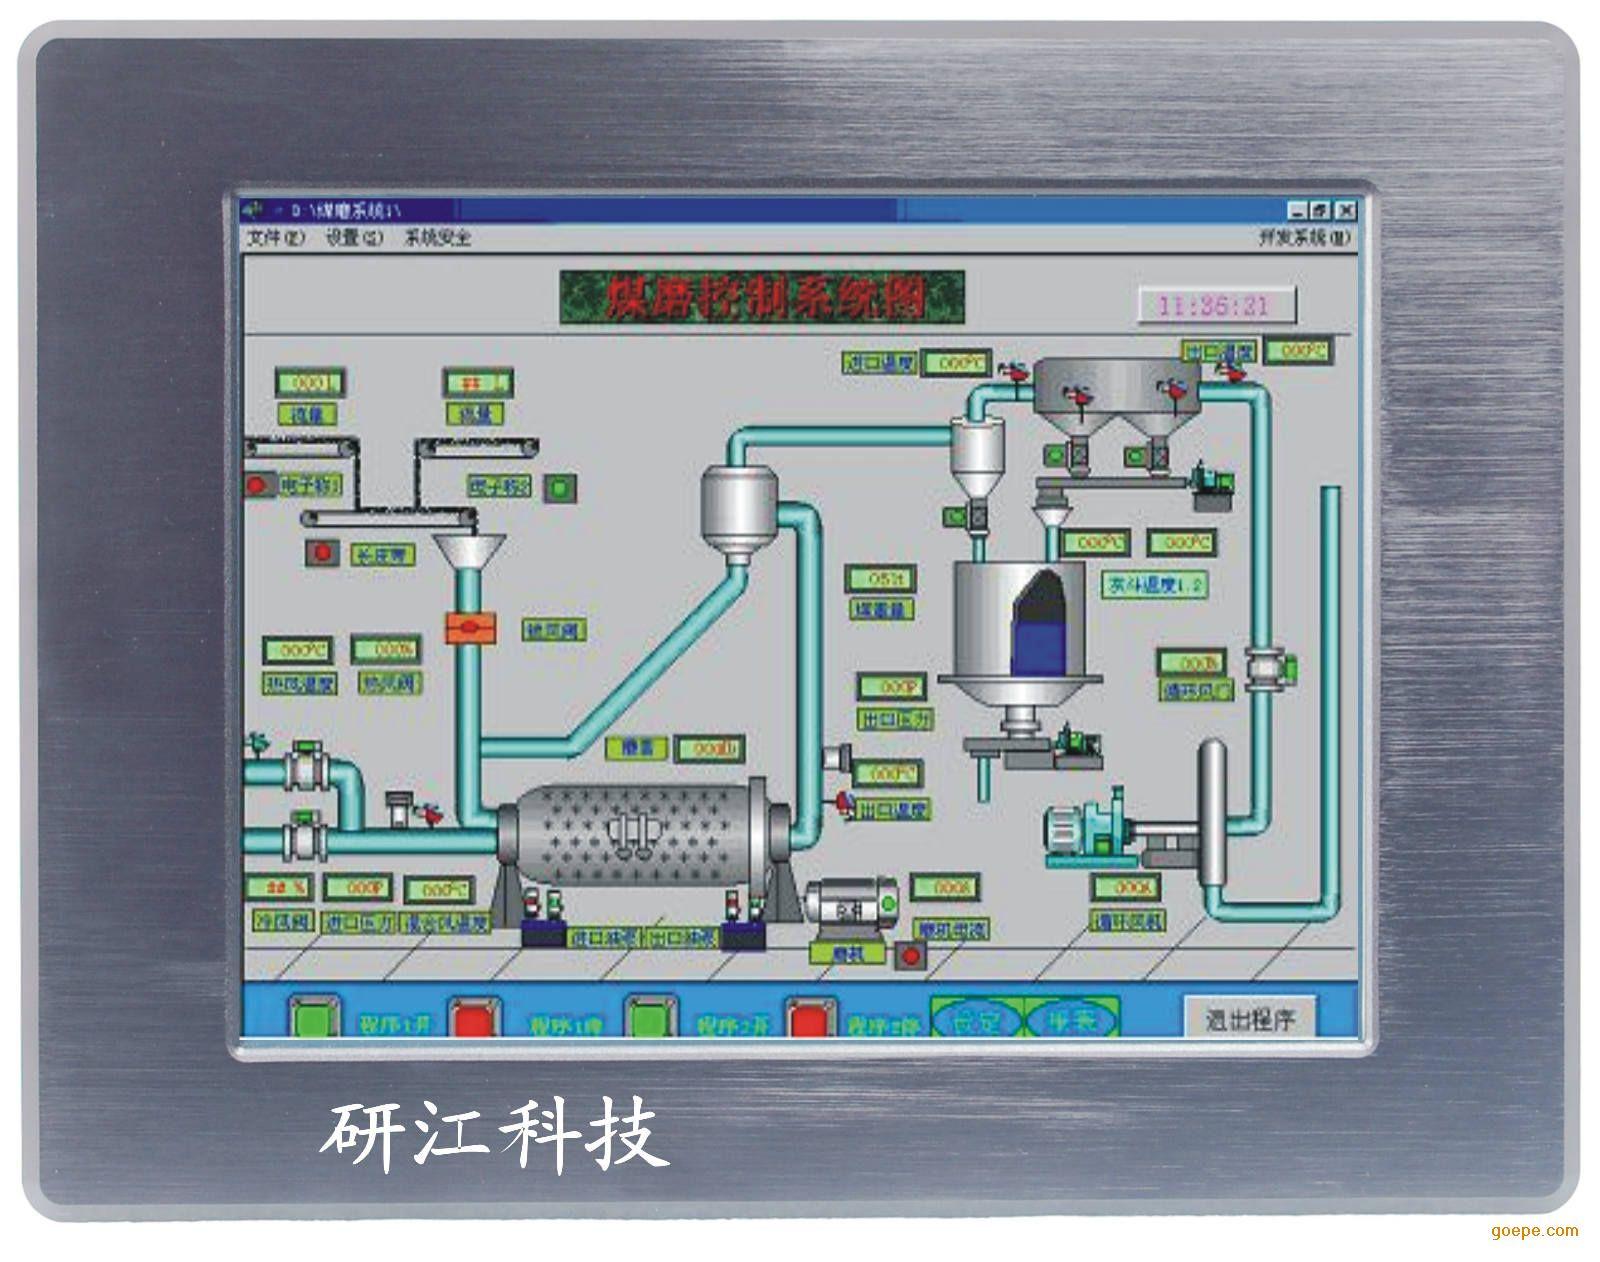 研祥工业平板电脑 它并非一个实际的文件系统